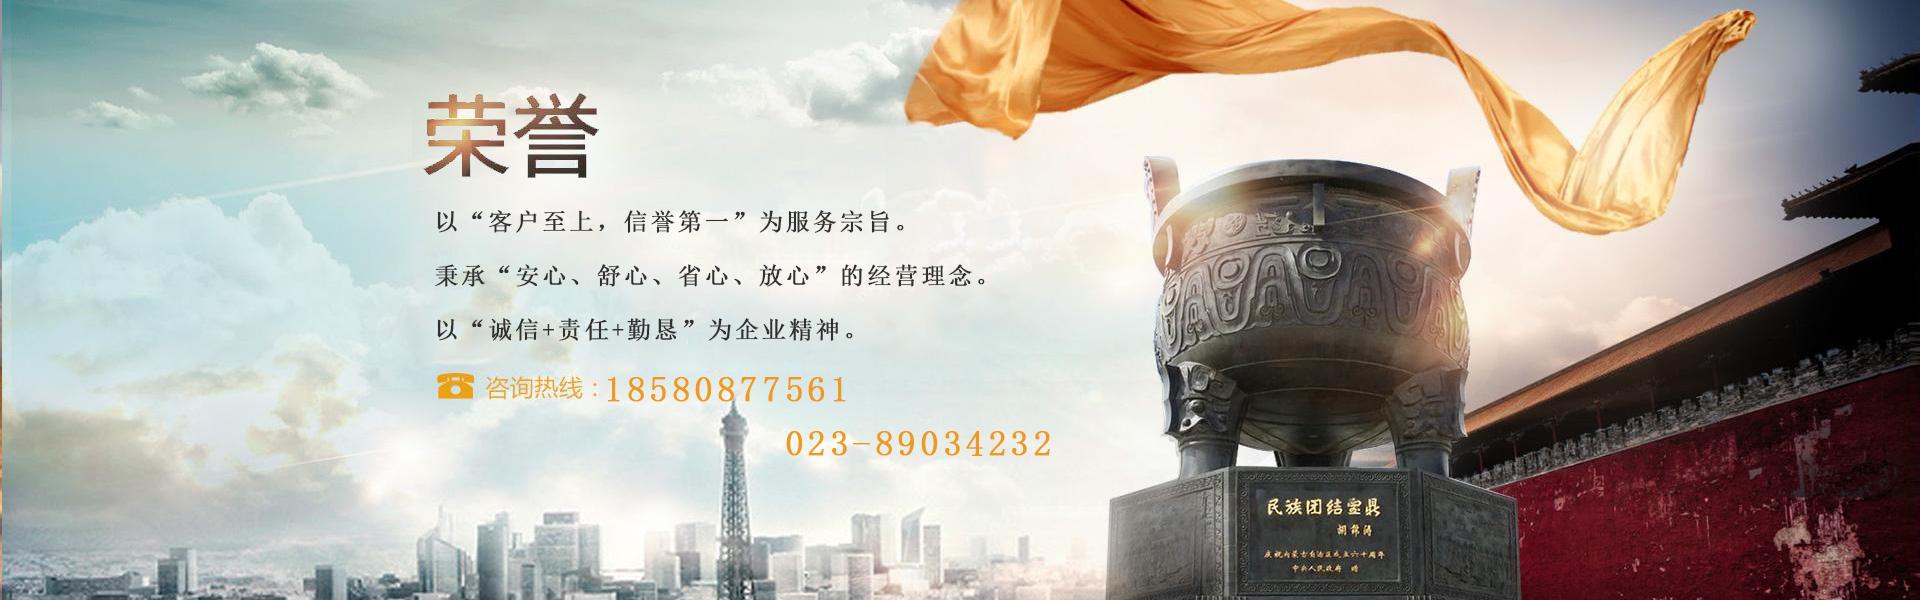 海洋之神环保工程开荒清洁品牌宗旨展示Banner